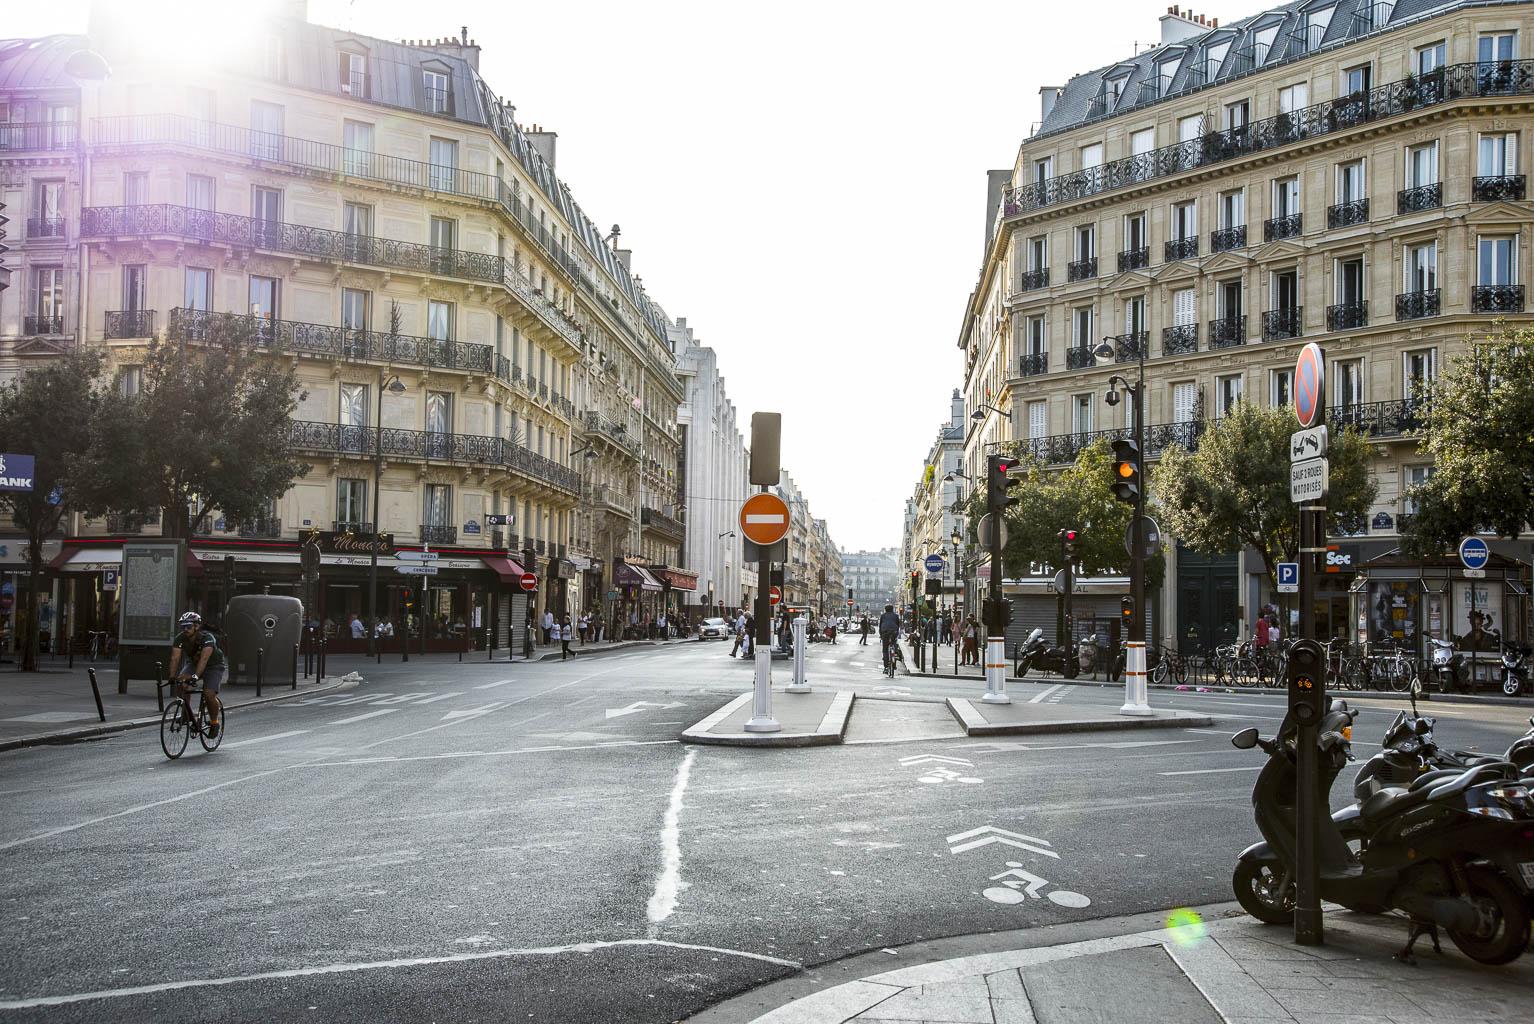 Straat Parijs-1029